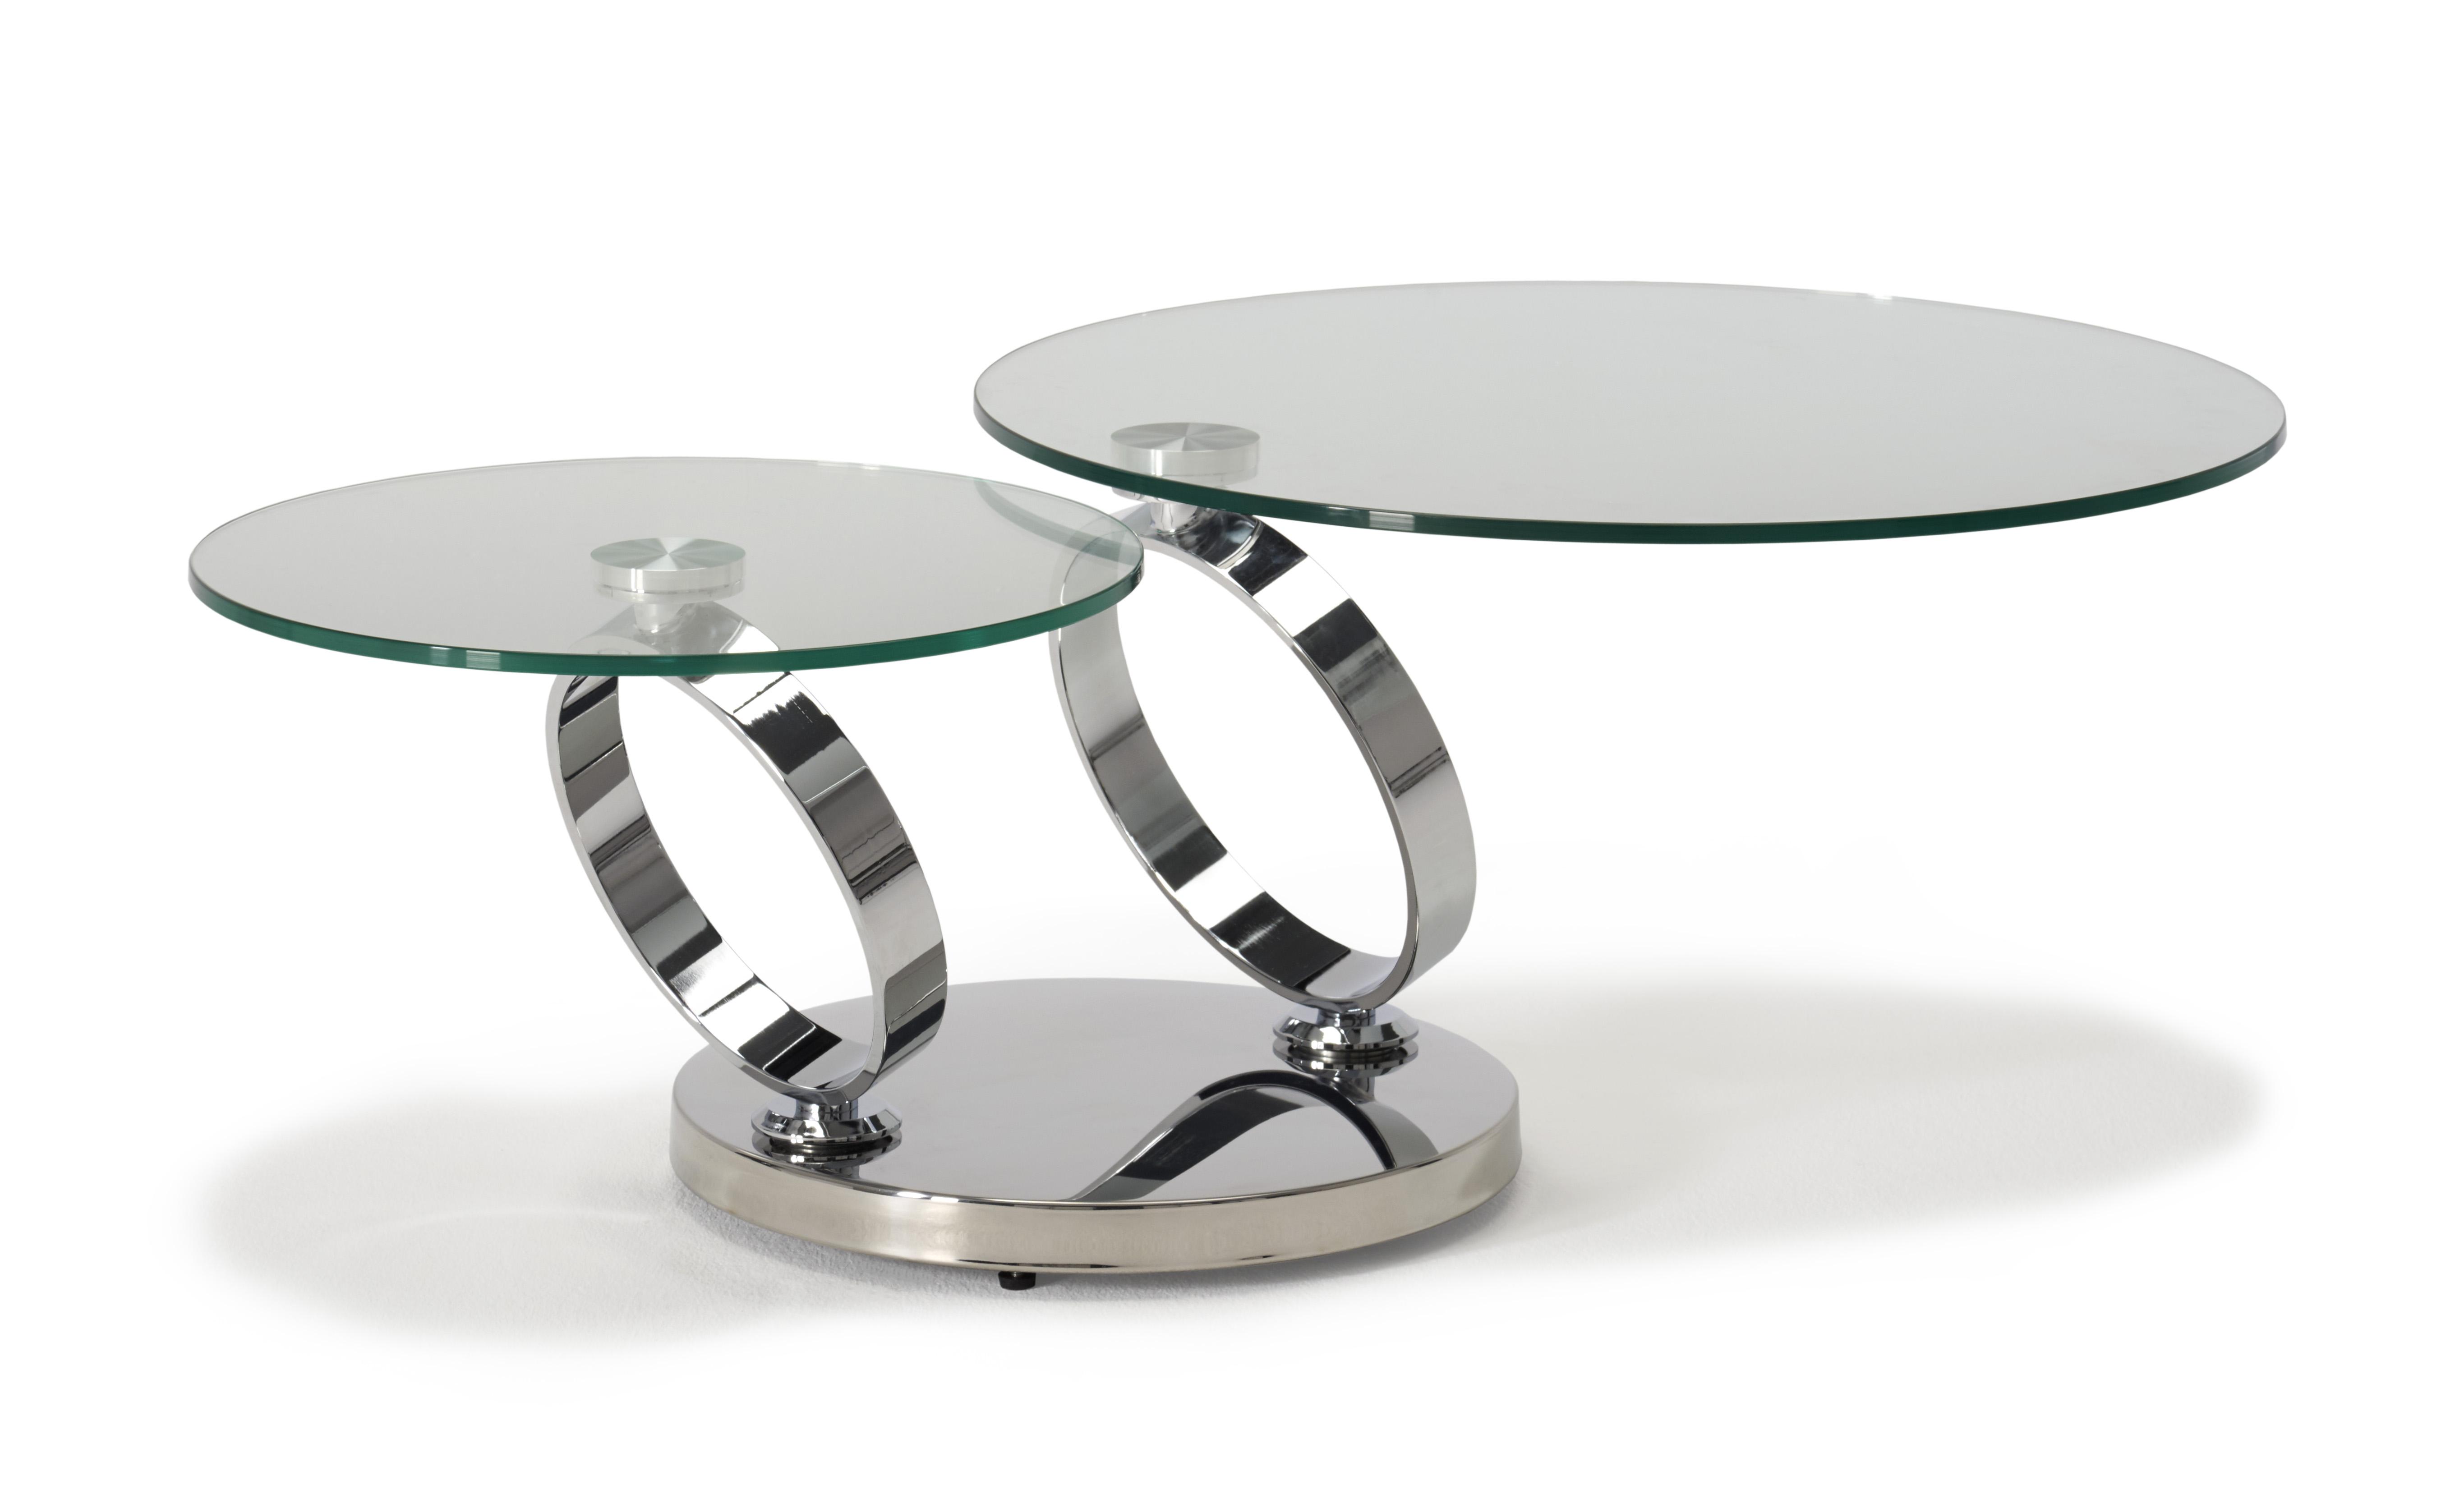 Harrogate Coffee Table